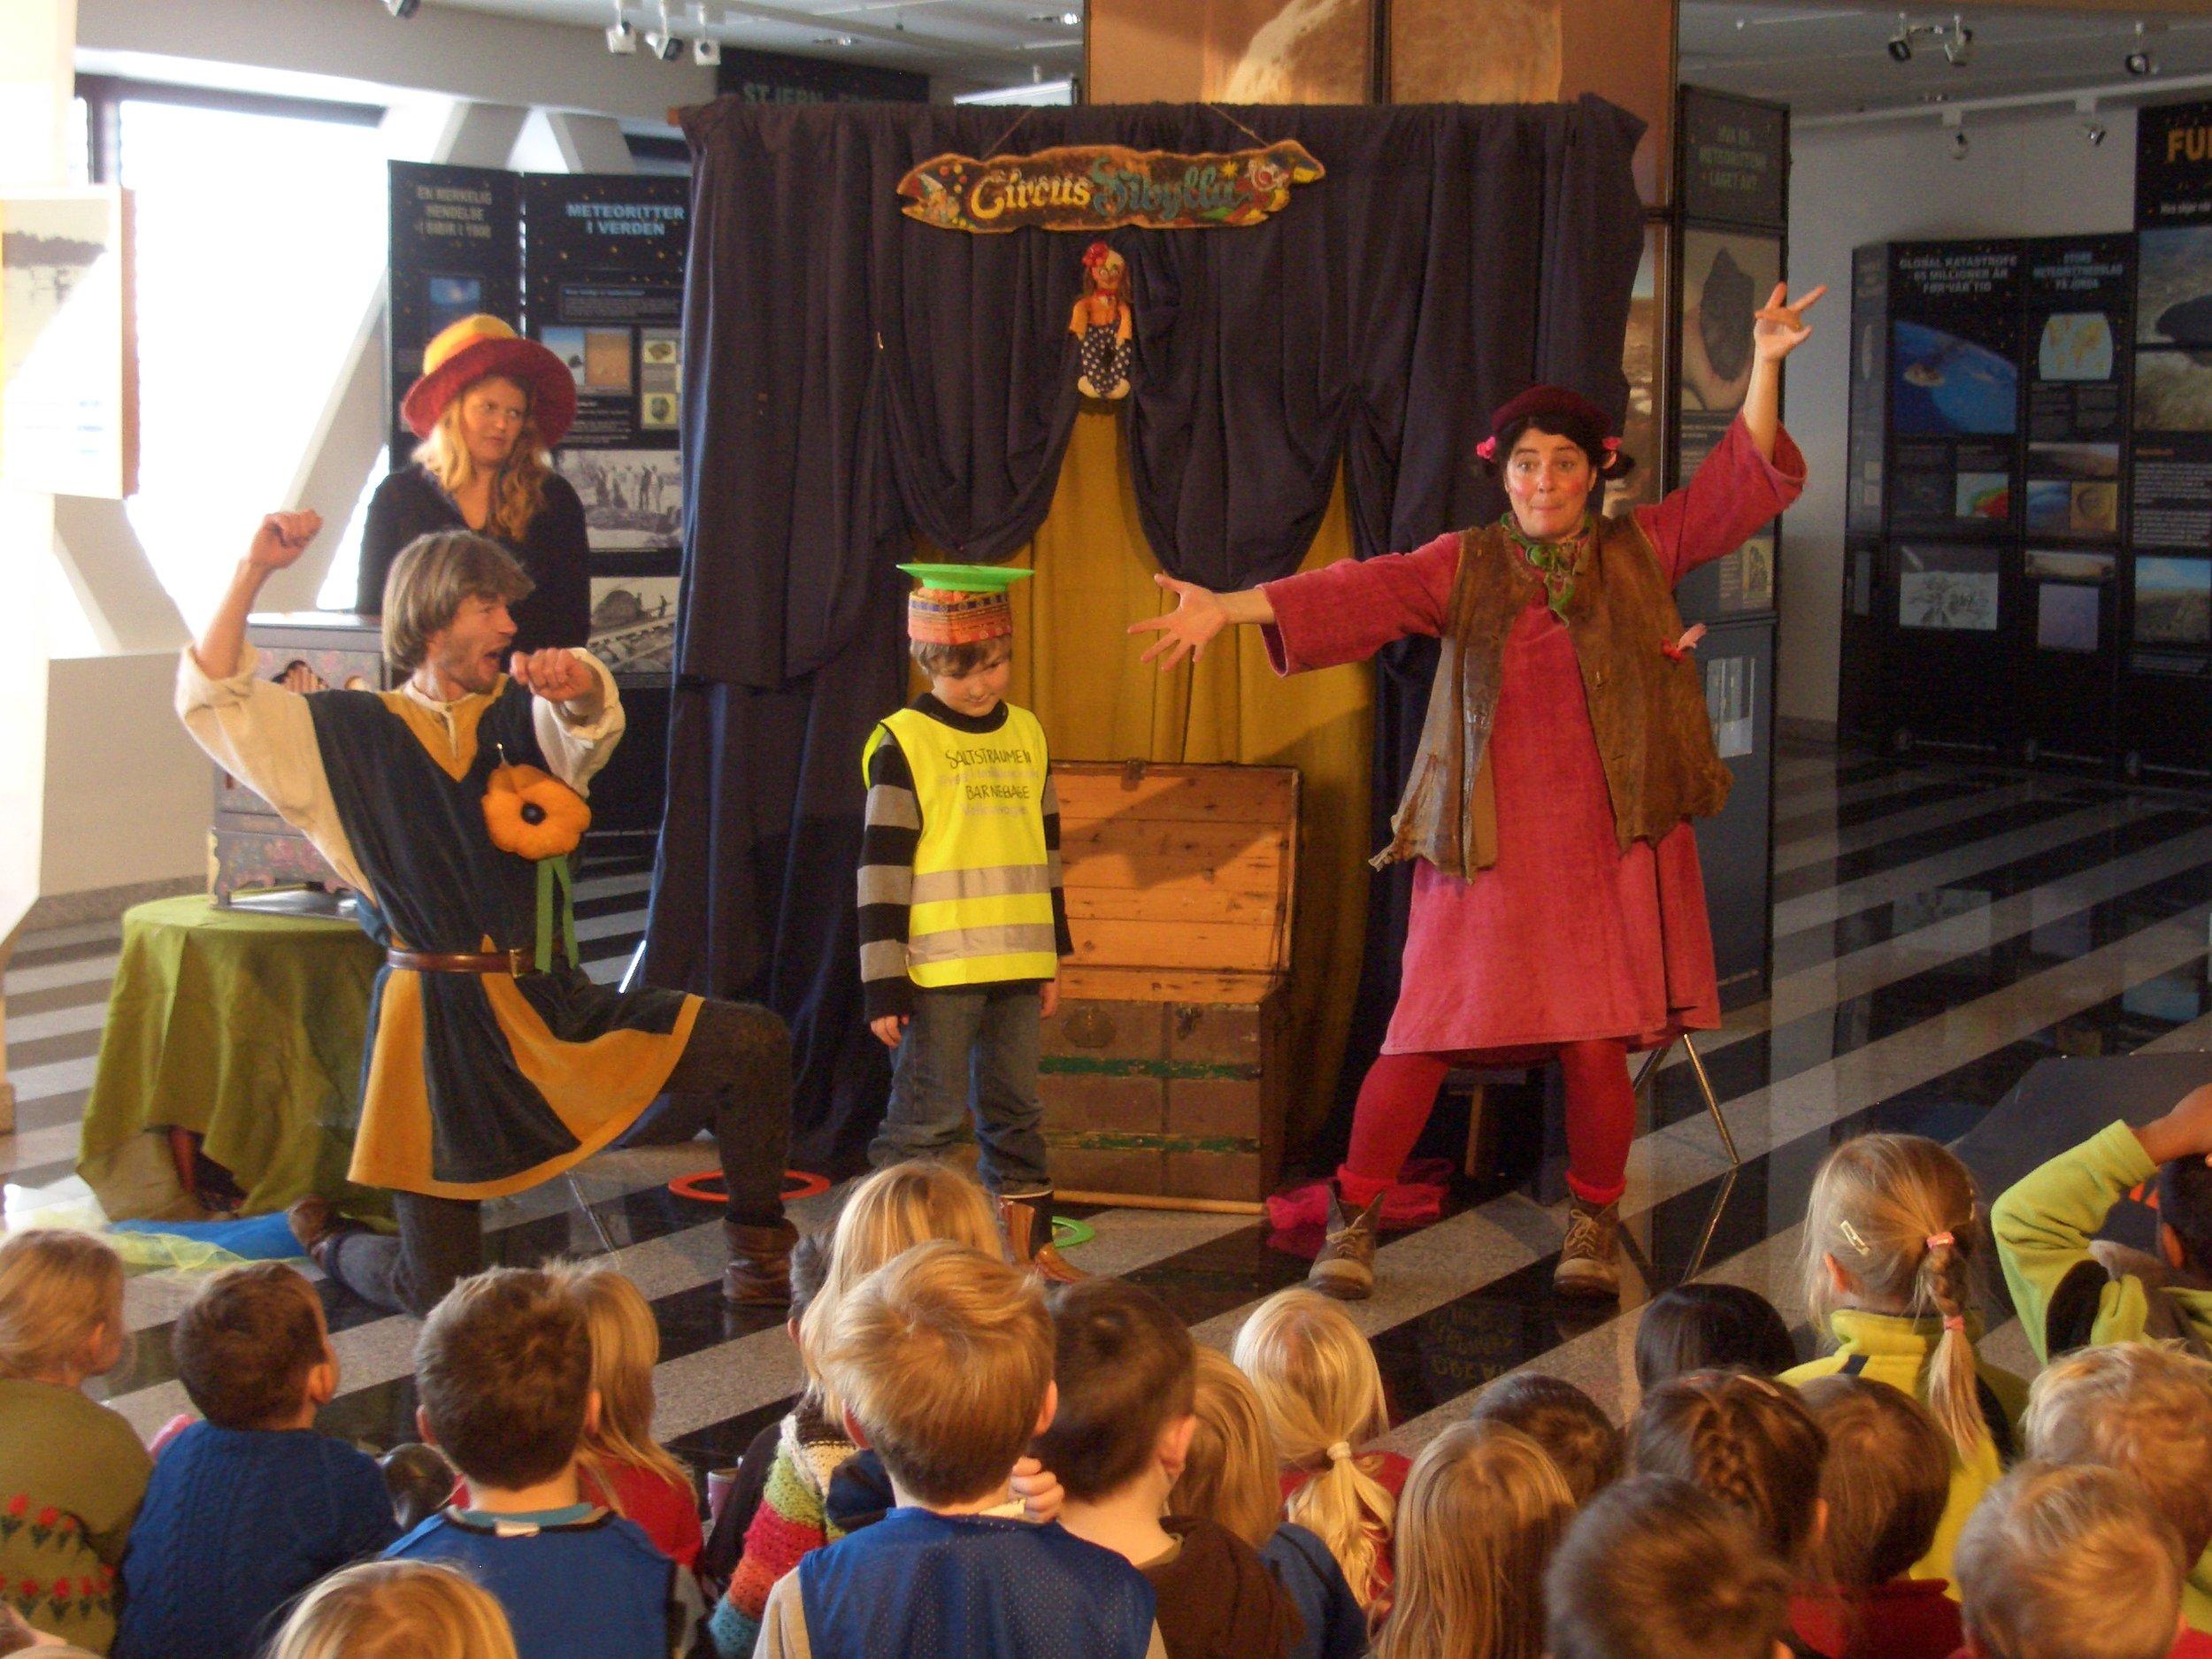 Undervisning og familieaktiviteter ble en viktig del av museet fra start